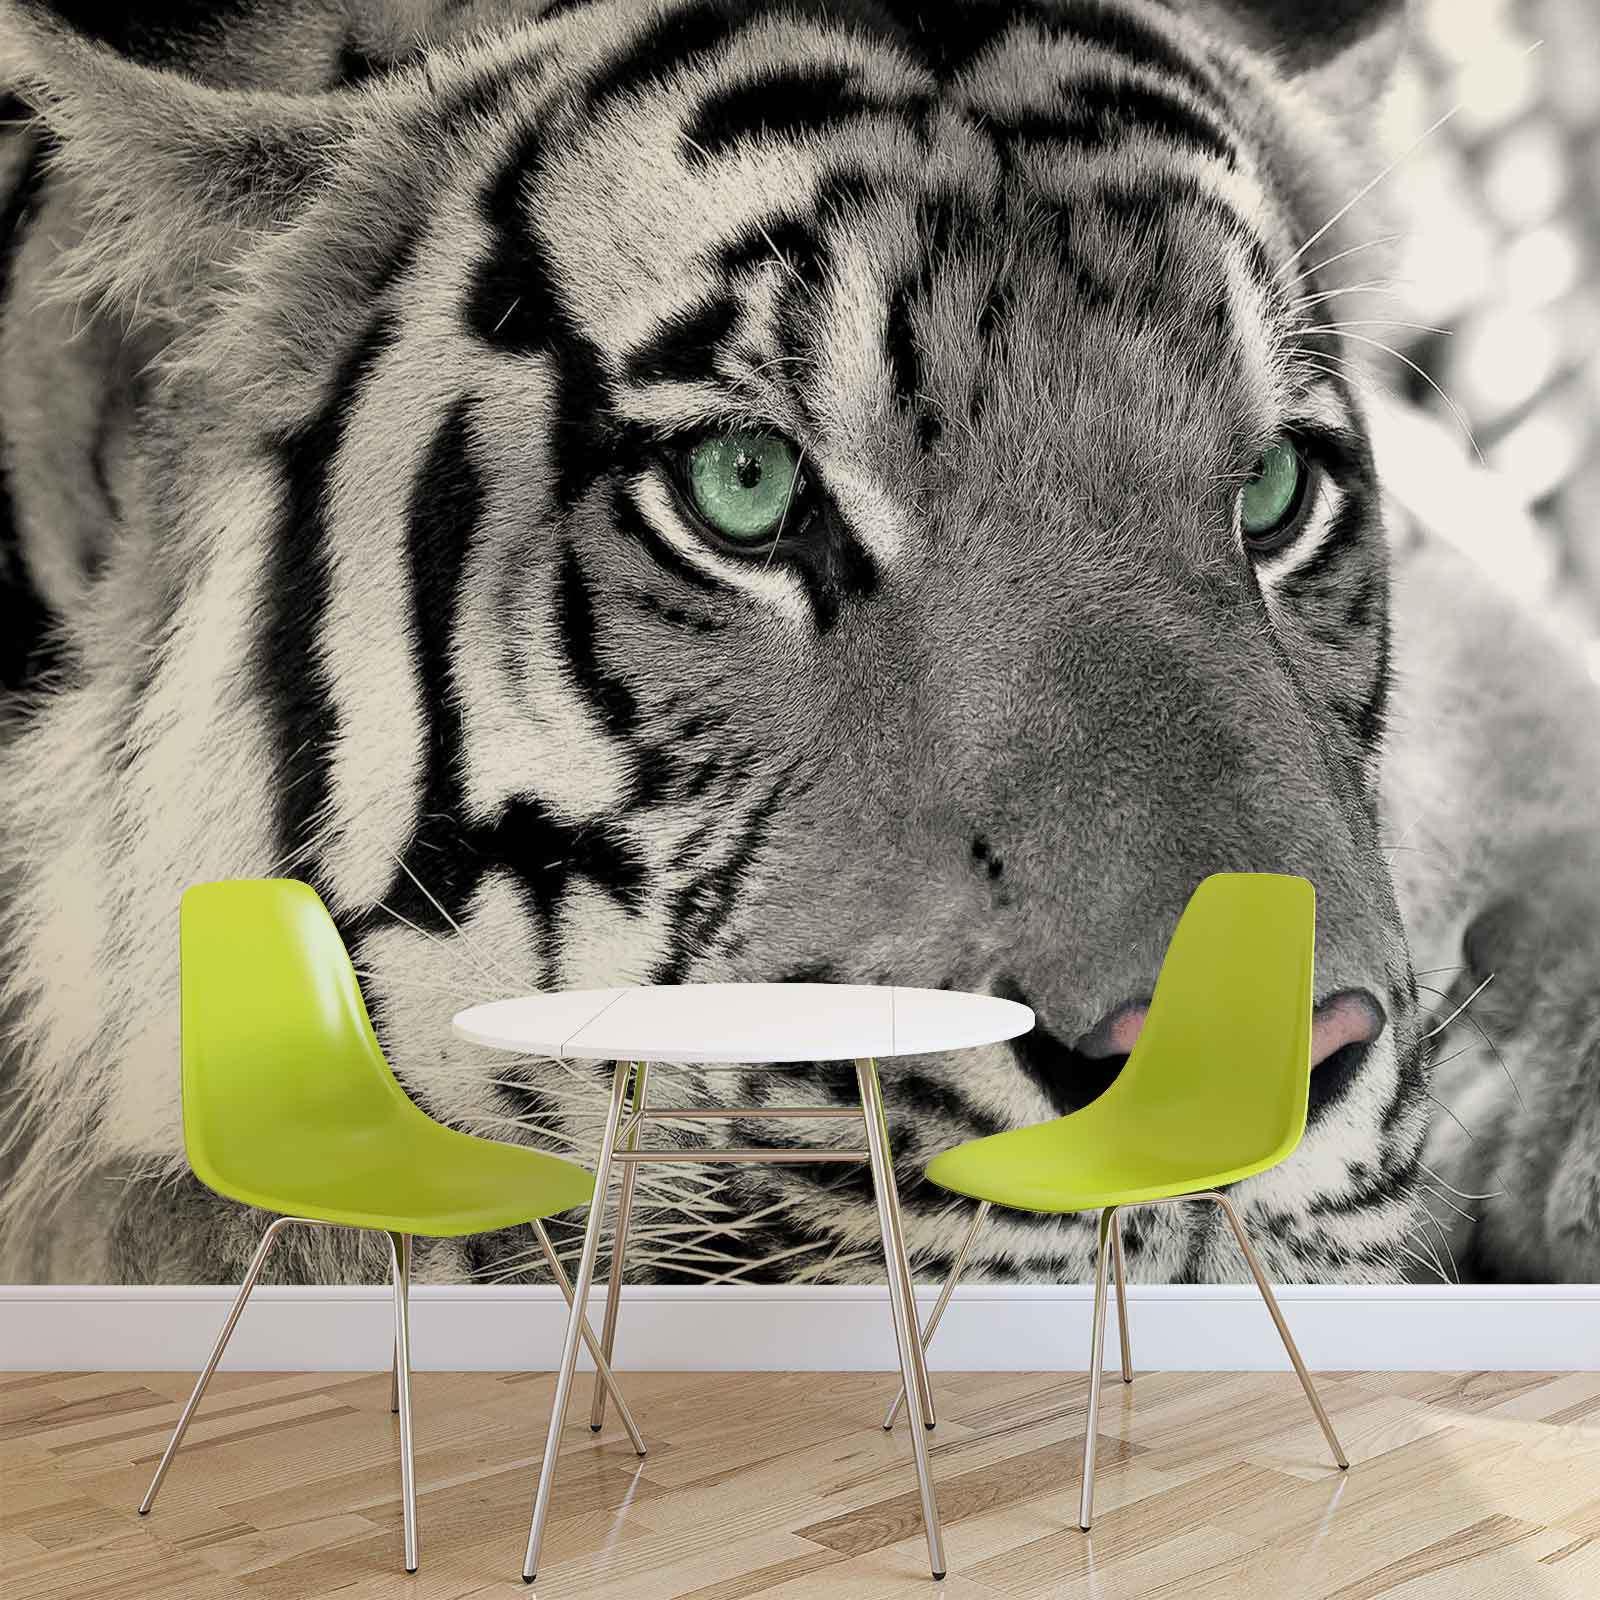 FOTOTAPETE WANDBILD FOTOTAPETEN BILD TAPETE Schwarz+Weiß Tiger Tier (W1320)